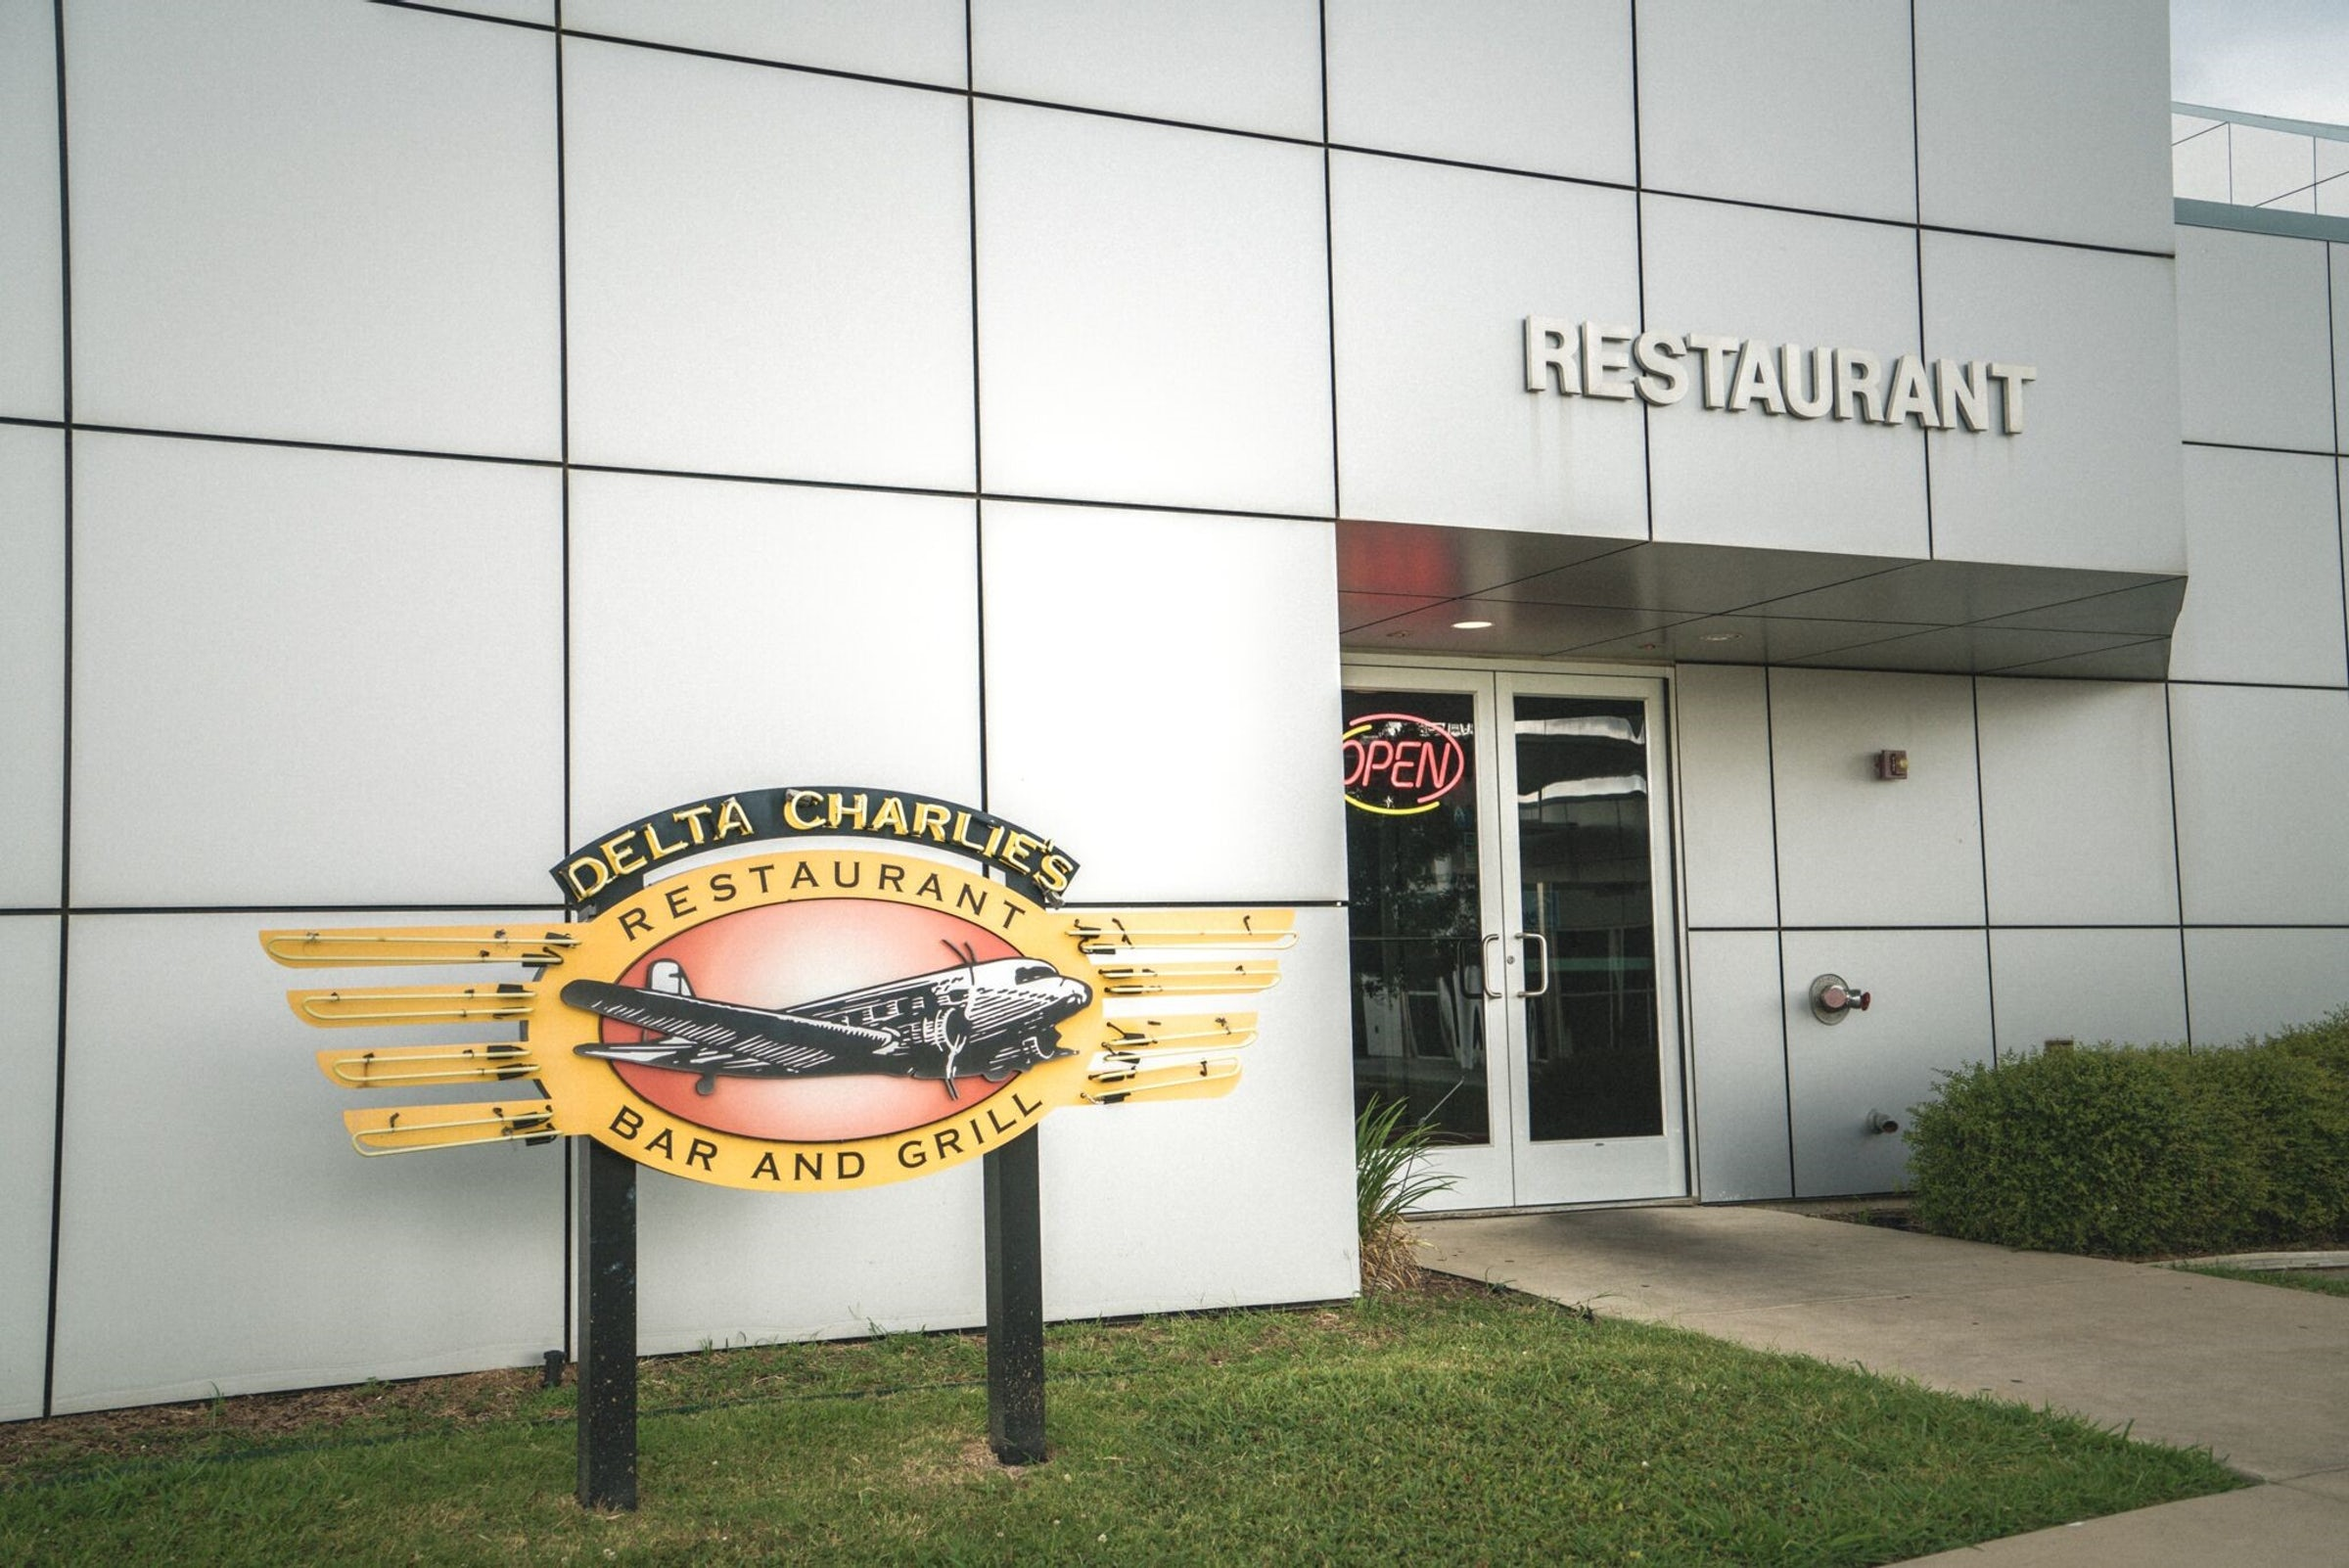 Delta Charlie's Restaurant in Beyond Dallas